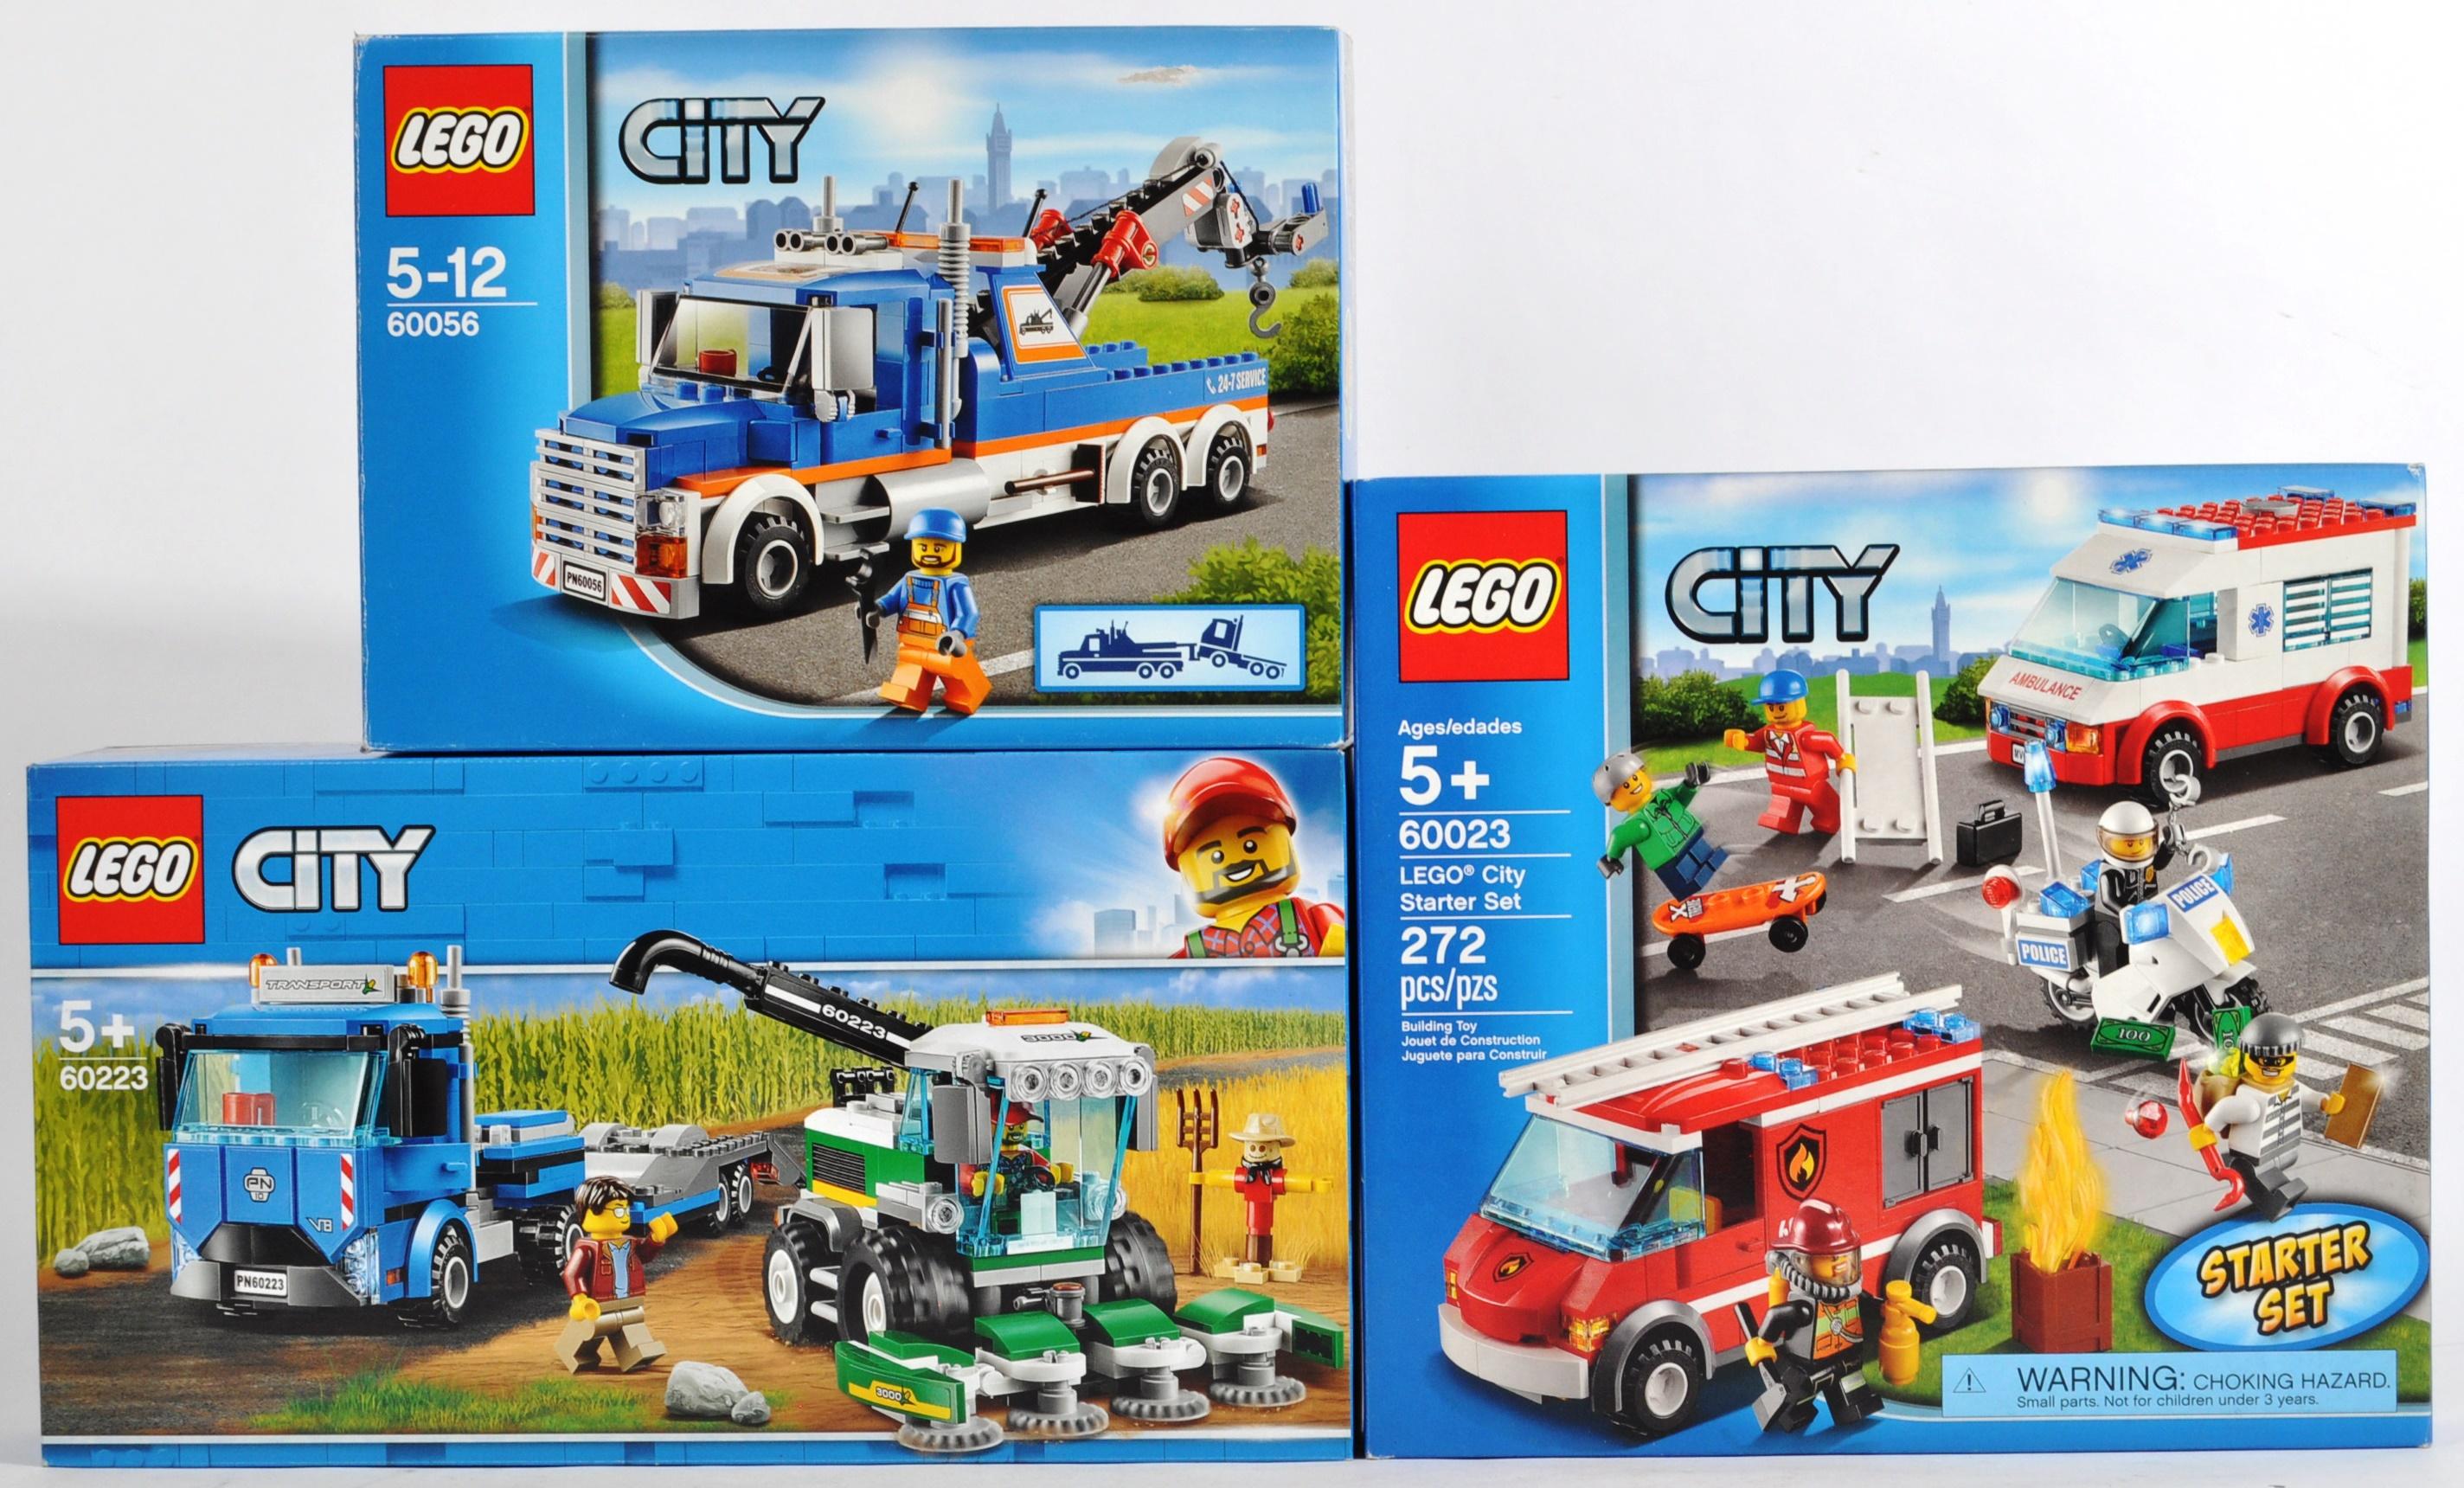 LEGO SETS - LEGO CITY - 60023 / 60056 / 60223